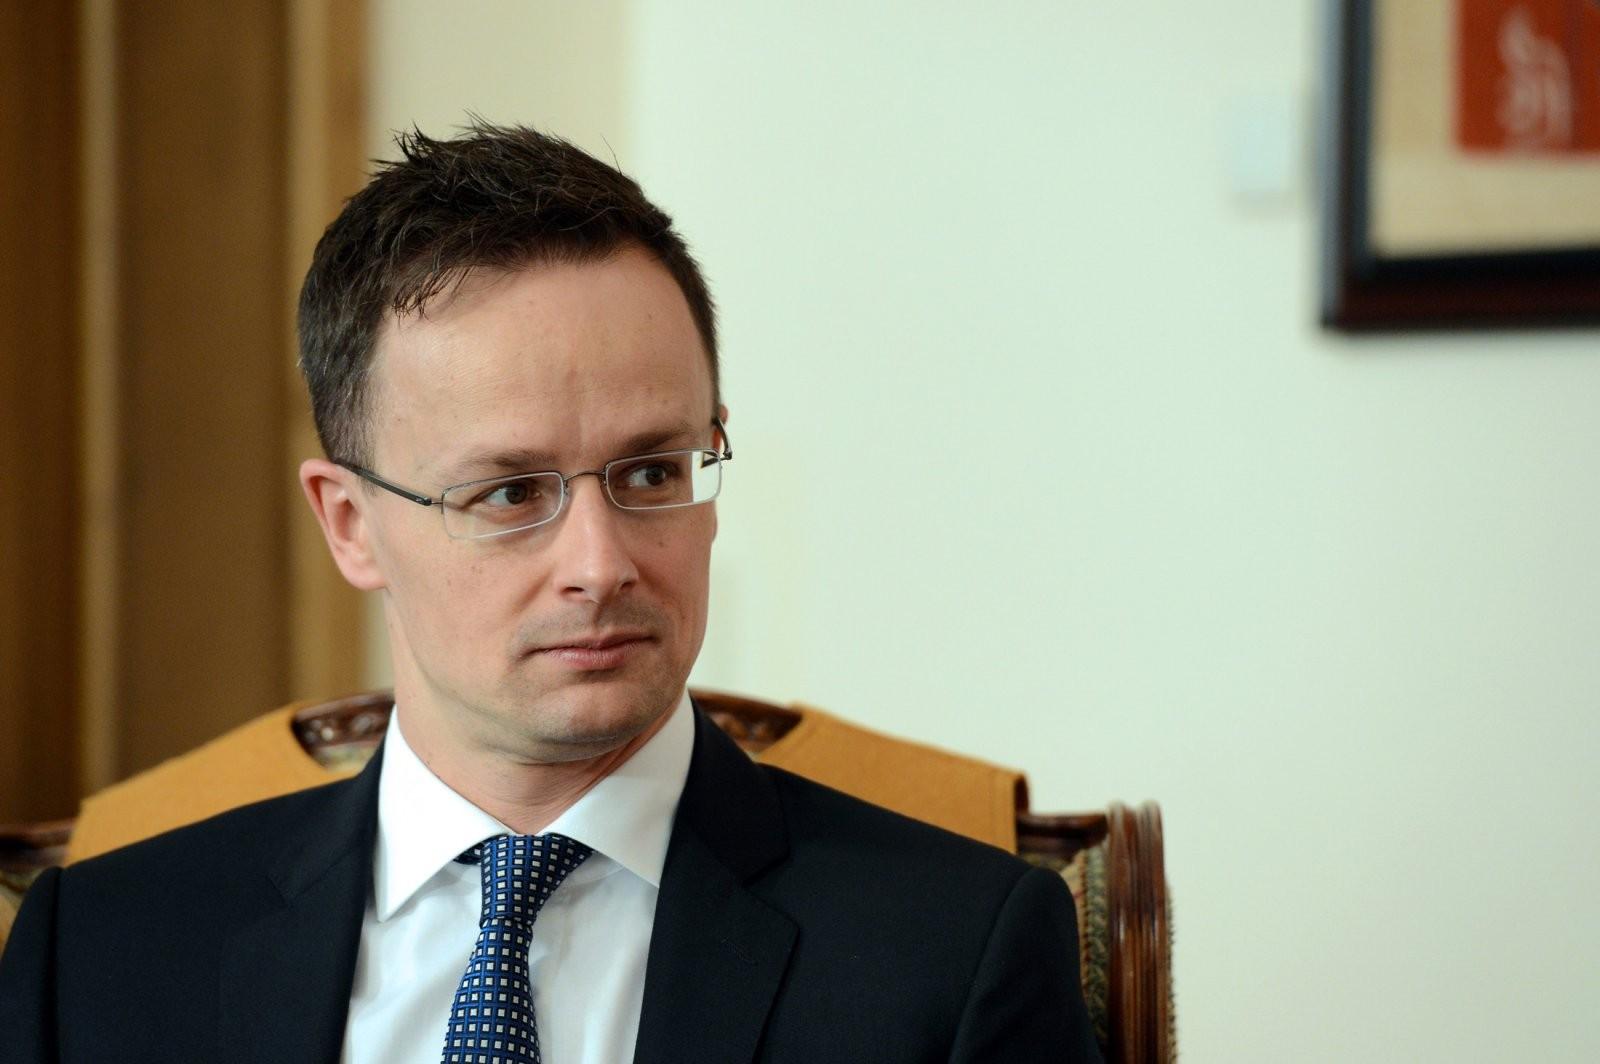 Руководитель МИД Венгрии: РФ неявляется угрозой для стран НАТО